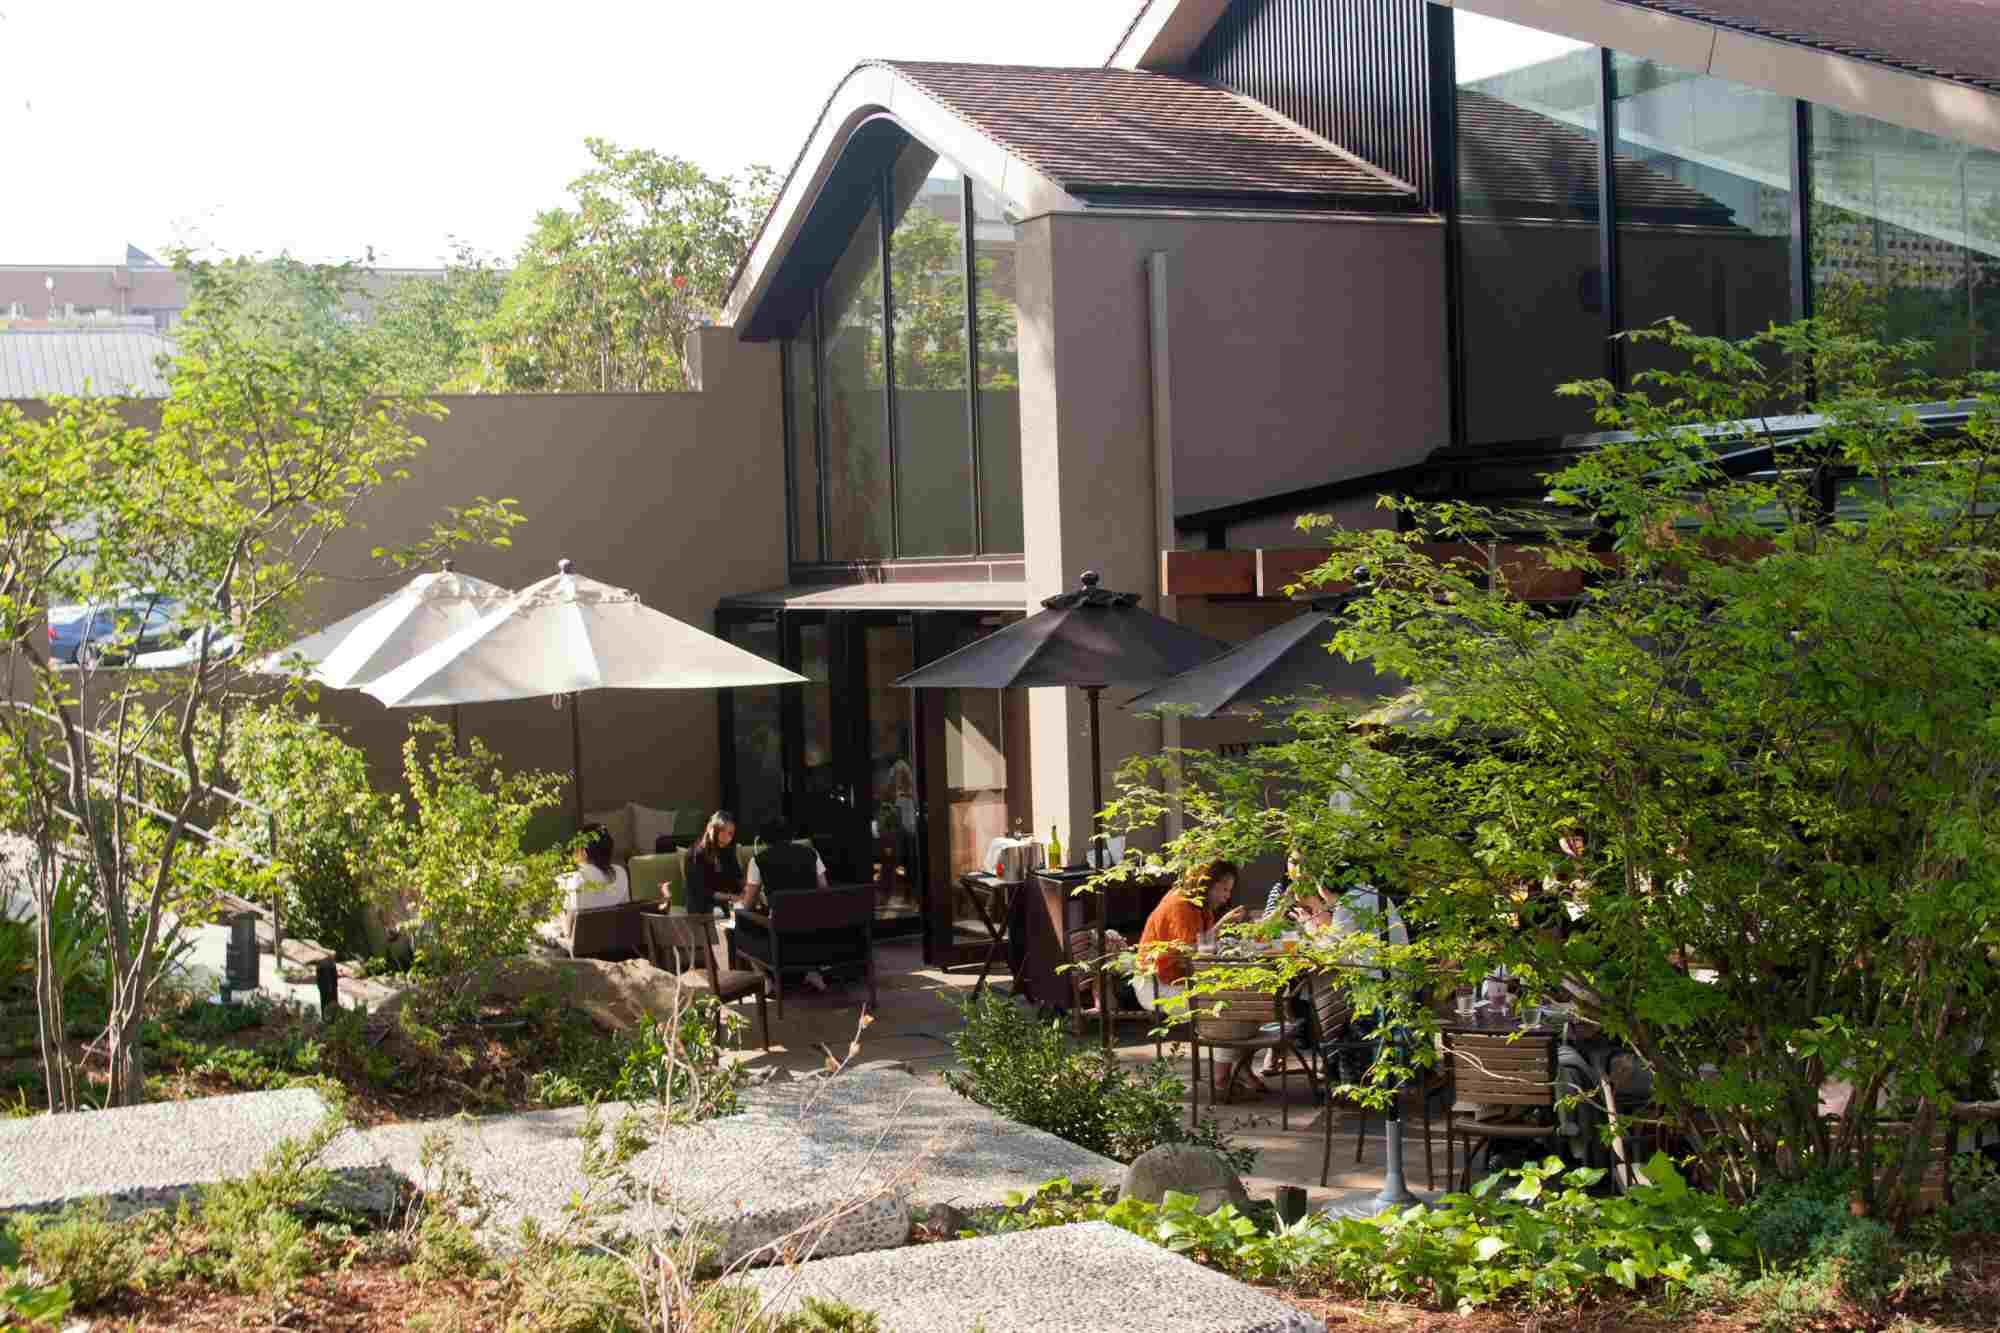 Hillside Terraza complejo, el diseño urbano, la gente que come fuera